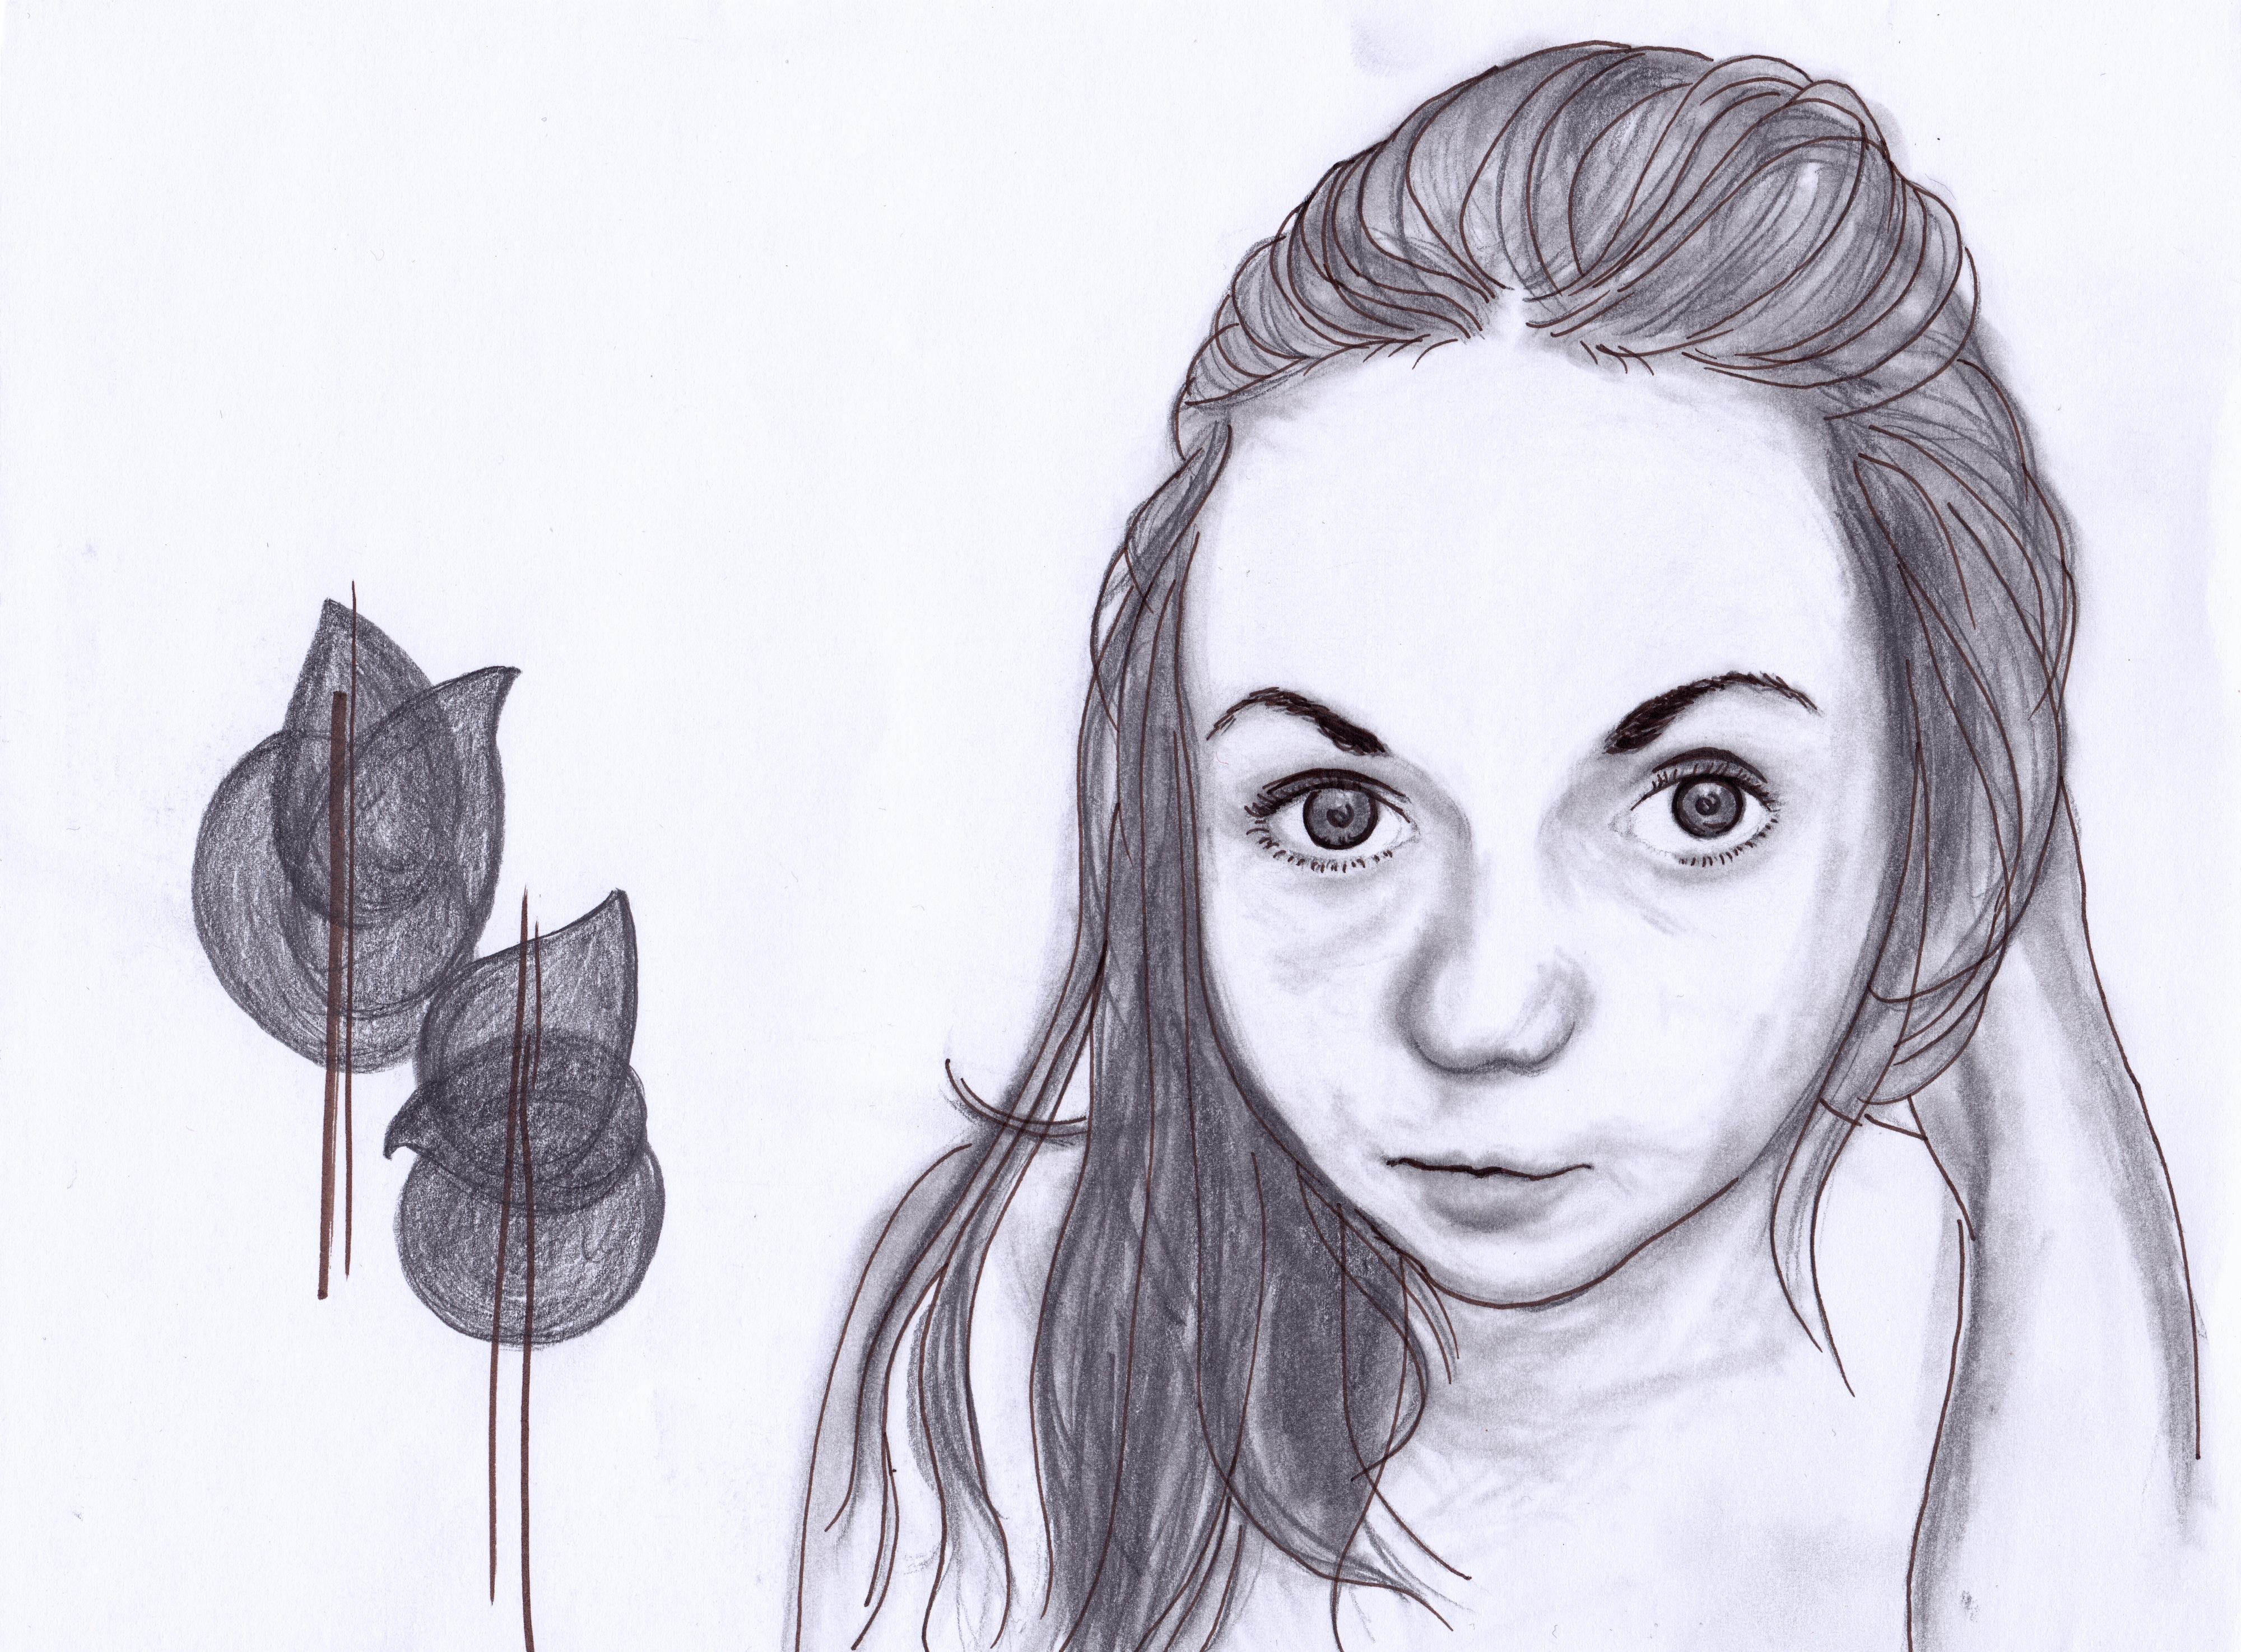 Selbstportrait mit Bäumen, Bleistift und Fineliner auf Papier, April 2012